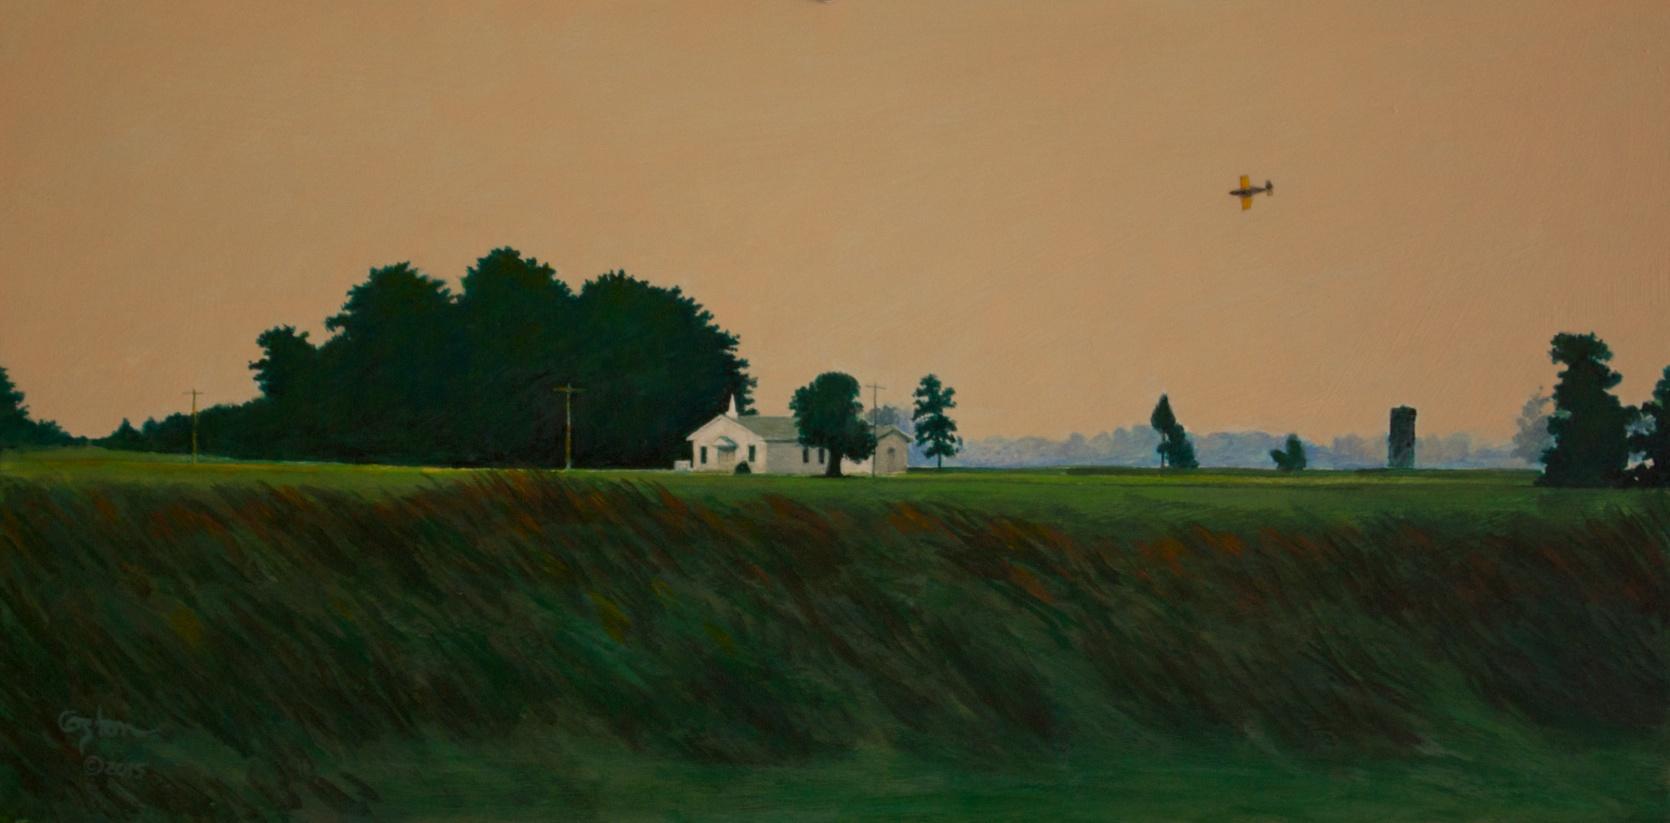 Early Morning Flight, Daniel Coston, 2014